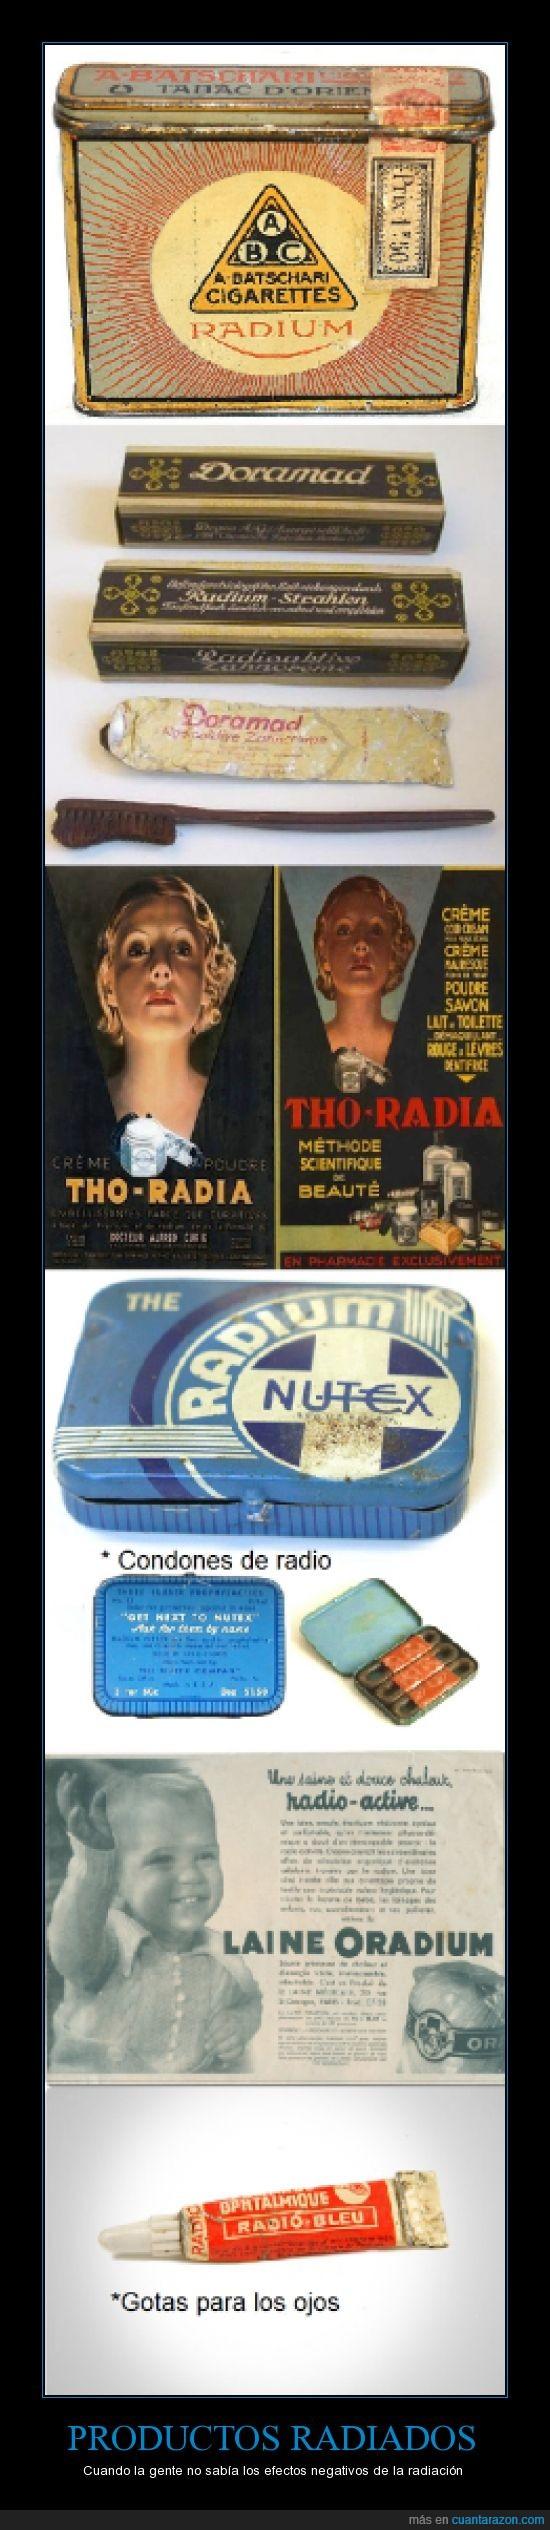 años 20 a 30,antaño,cepillo,cigarrillos,condones,crema,lana,ojos,pasta de dientes,productos,radiacion,radioactivo,tabaco